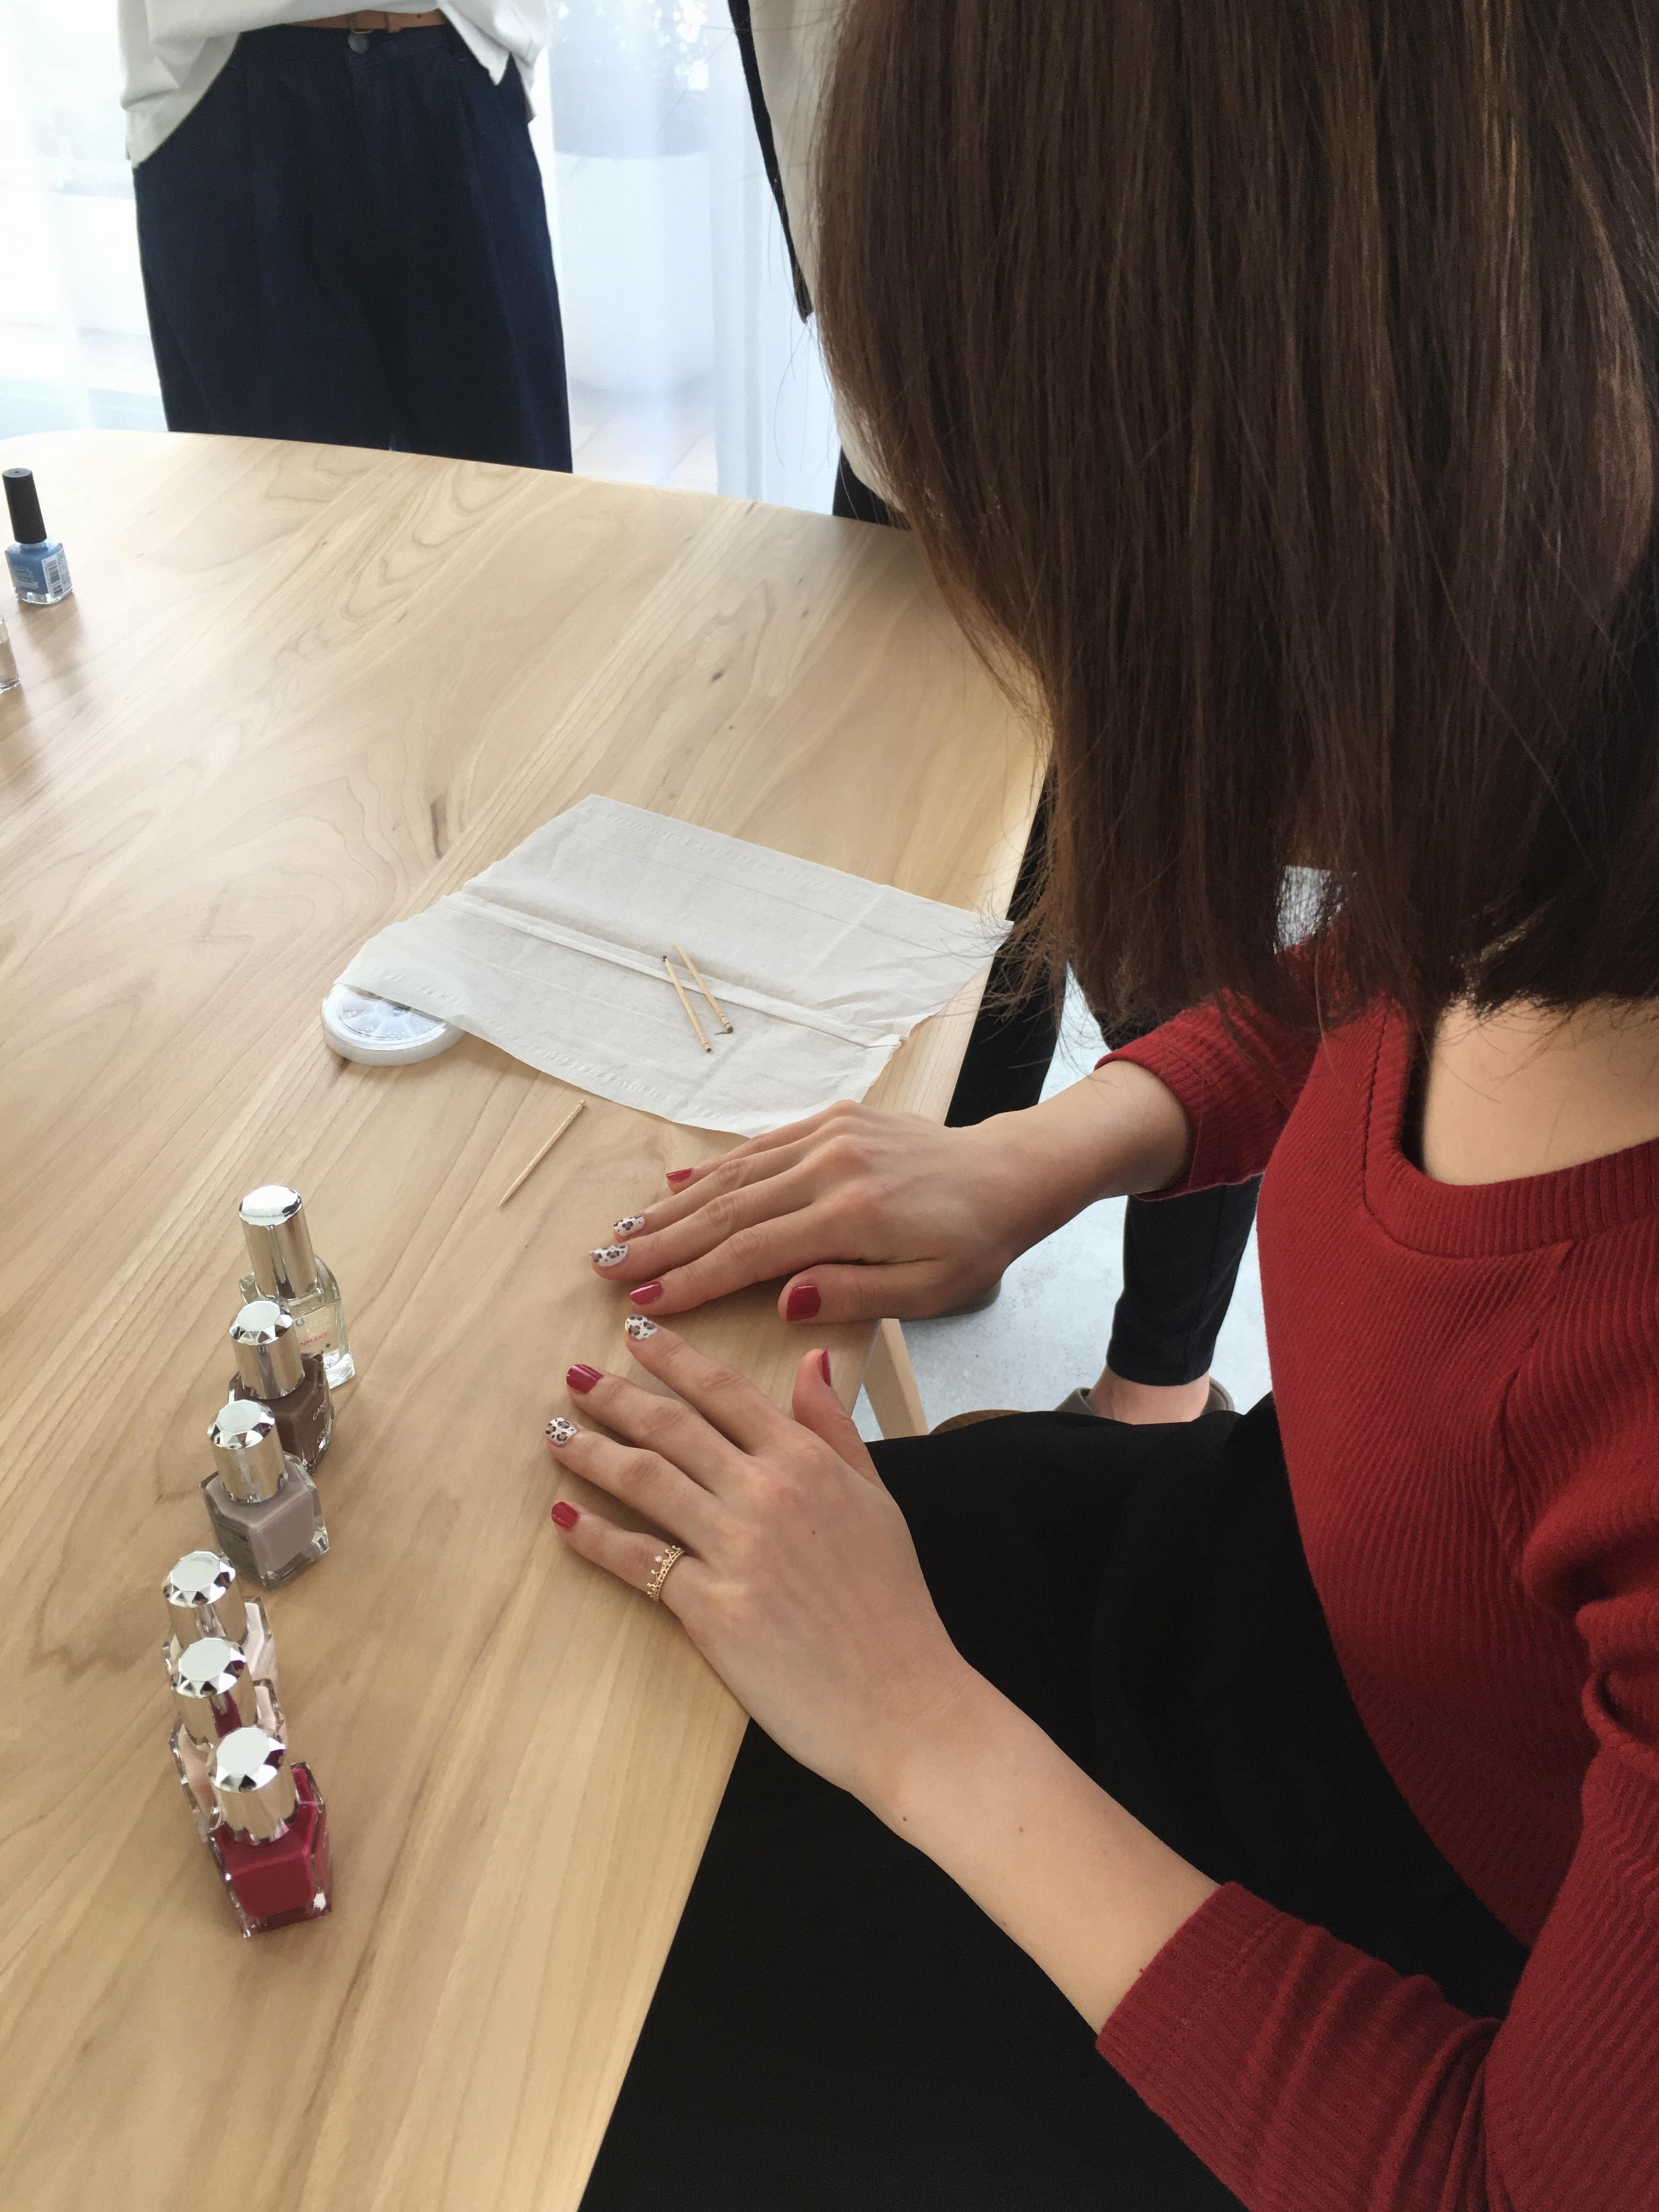 【モアハピ部のトレンドプレゼン大会】MORE12月号掲載♡簡単セルフネイルをご紹介!_3_2